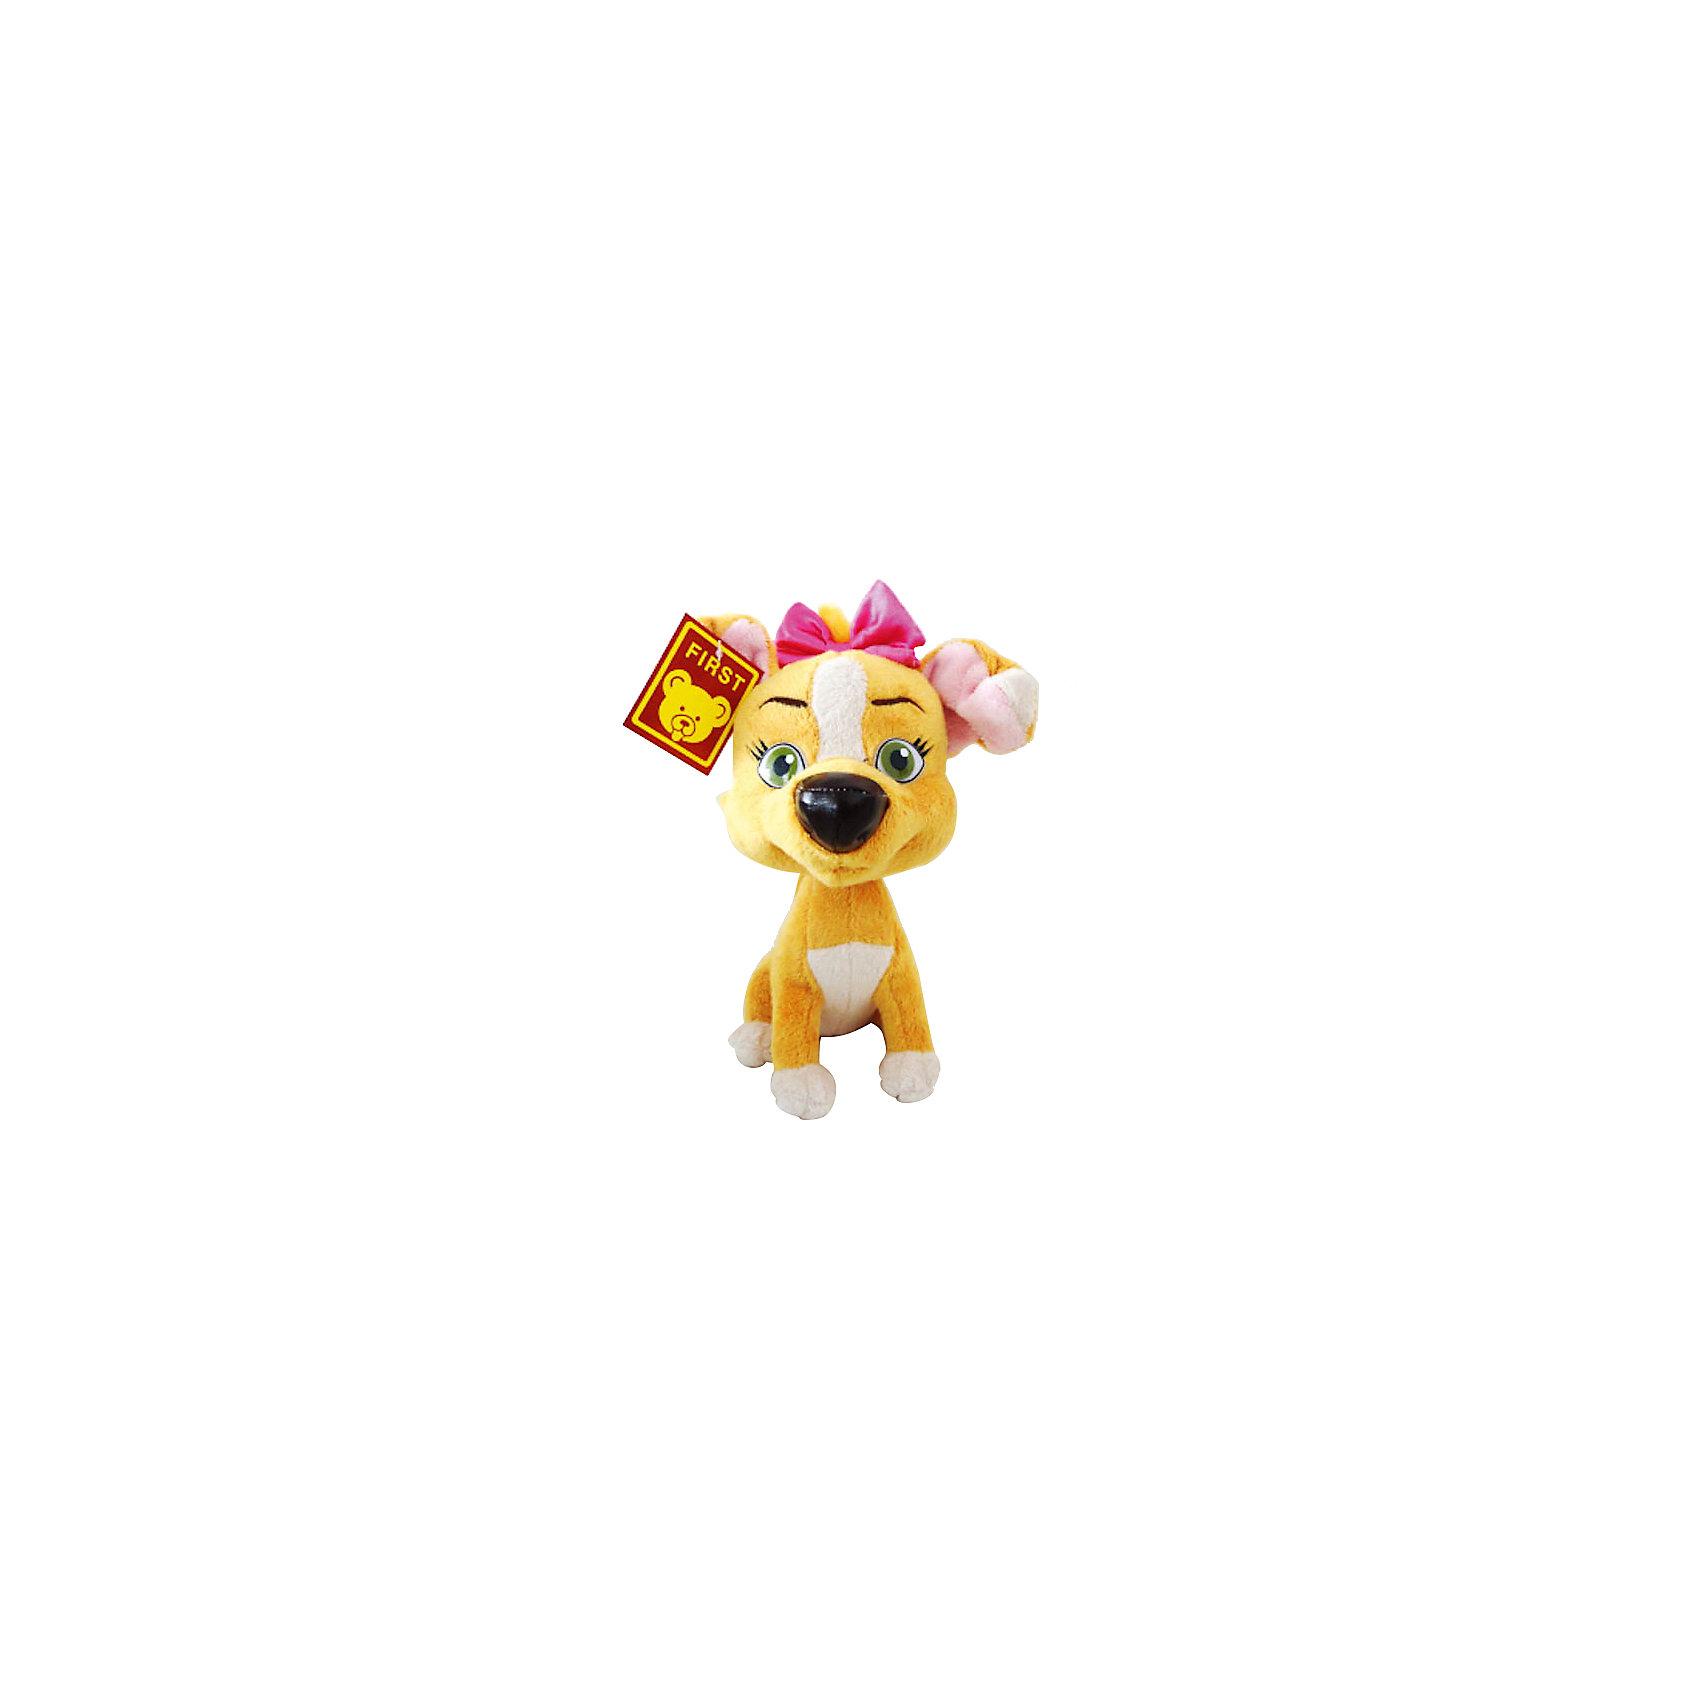 Мягкая игрушка Дина, со звуком, Белка и Стрелка, МУЛЬТИ-ПУЛЬТИОзвученные мягкие игрушки<br>Если Ваш ребенка обожает мультфильм Белка и Стрелка, ему никак не обойтись без симпатичной собачки Дины! Дина - это один из трех щенков звездной собаки Белки и пса Казбека. Она, как и все ее браться и сестры, все время попадает в разные передряги. Очаровательная мягкая игрушка Мульти-Пульти Собачка Дина станет малышу хорошим другом, с которым можно с увлечением играть, а также сладко засыпать. Эта добрая, милая игрушка обязательно принесет радость маленькому ребенку. Дина выглядит очень дружелюбно. Игрушка выполнена из мягкого плюшевого материала. Малыш будет разыгрывать замечательные истории и слушать песенки, ведь собачка Дина еще и очень музыкальная! Дина выполнена из безопасных материалов и станет прекрасным дополнением коллекции Белка и Стрелка!<br><br>Дополнительная информация:<br><br>- Игрушка с музыкальным блоком;<br>- Понравится любителям мультфильма Белка и Стрелка;<br>- Мягкая и приятная на ощупь;<br>- Материал: плюш;<br>- 3 батареи LR44 (входят в комплект)<br>- Высота: 23 см;<br>- Размер упаковки: 20 х 10 х 17 см;<br>- Вес: 250 г<br><br>Мягкую игрушку Дина, со звуком, Белка и Стрелка, МУЛЬТИ-ПУЛЬТИ можно купить в нашем интернет-магазине.<br><br>Ширина мм: 200<br>Глубина мм: 100<br>Высота мм: 170<br>Вес г: 250<br>Возраст от месяцев: 12<br>Возраст до месяцев: 60<br>Пол: Унисекс<br>Возраст: Детский<br>SKU: 3939482